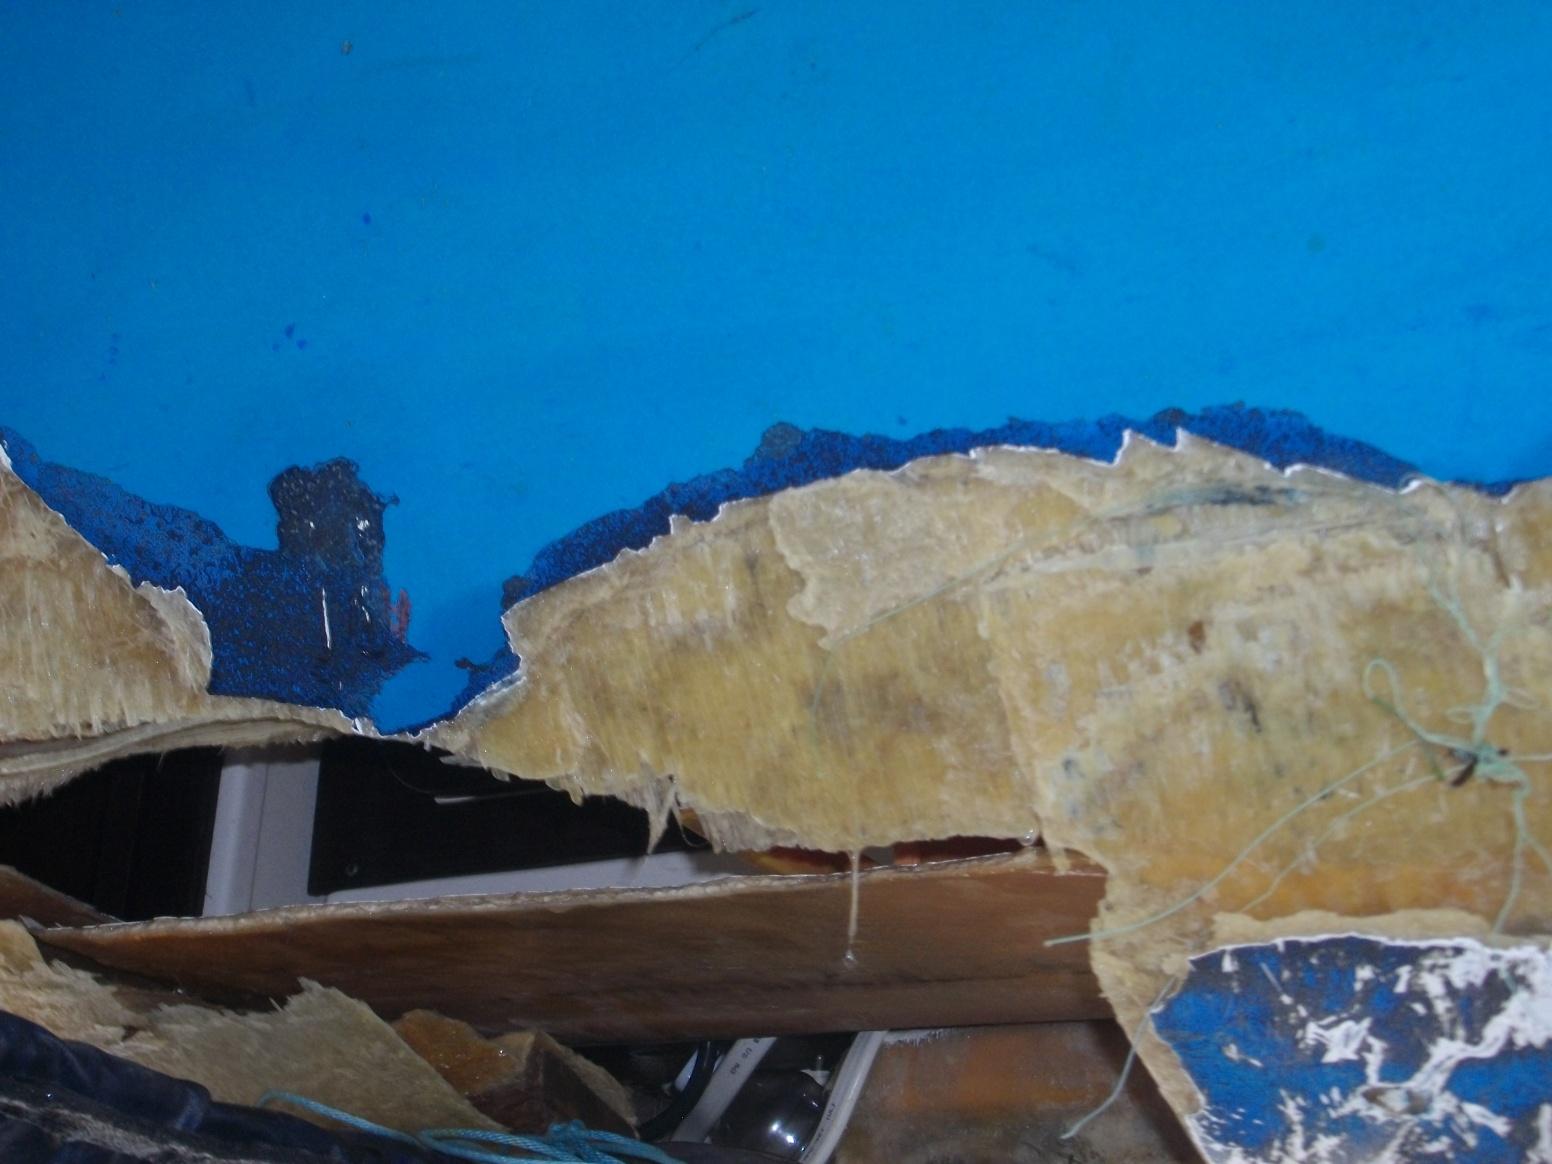 Click image for larger version  Name:Bundaberg Boat Wreck Nov 2011 062.jpg Views:95 Size:403.9 KB ID:36339